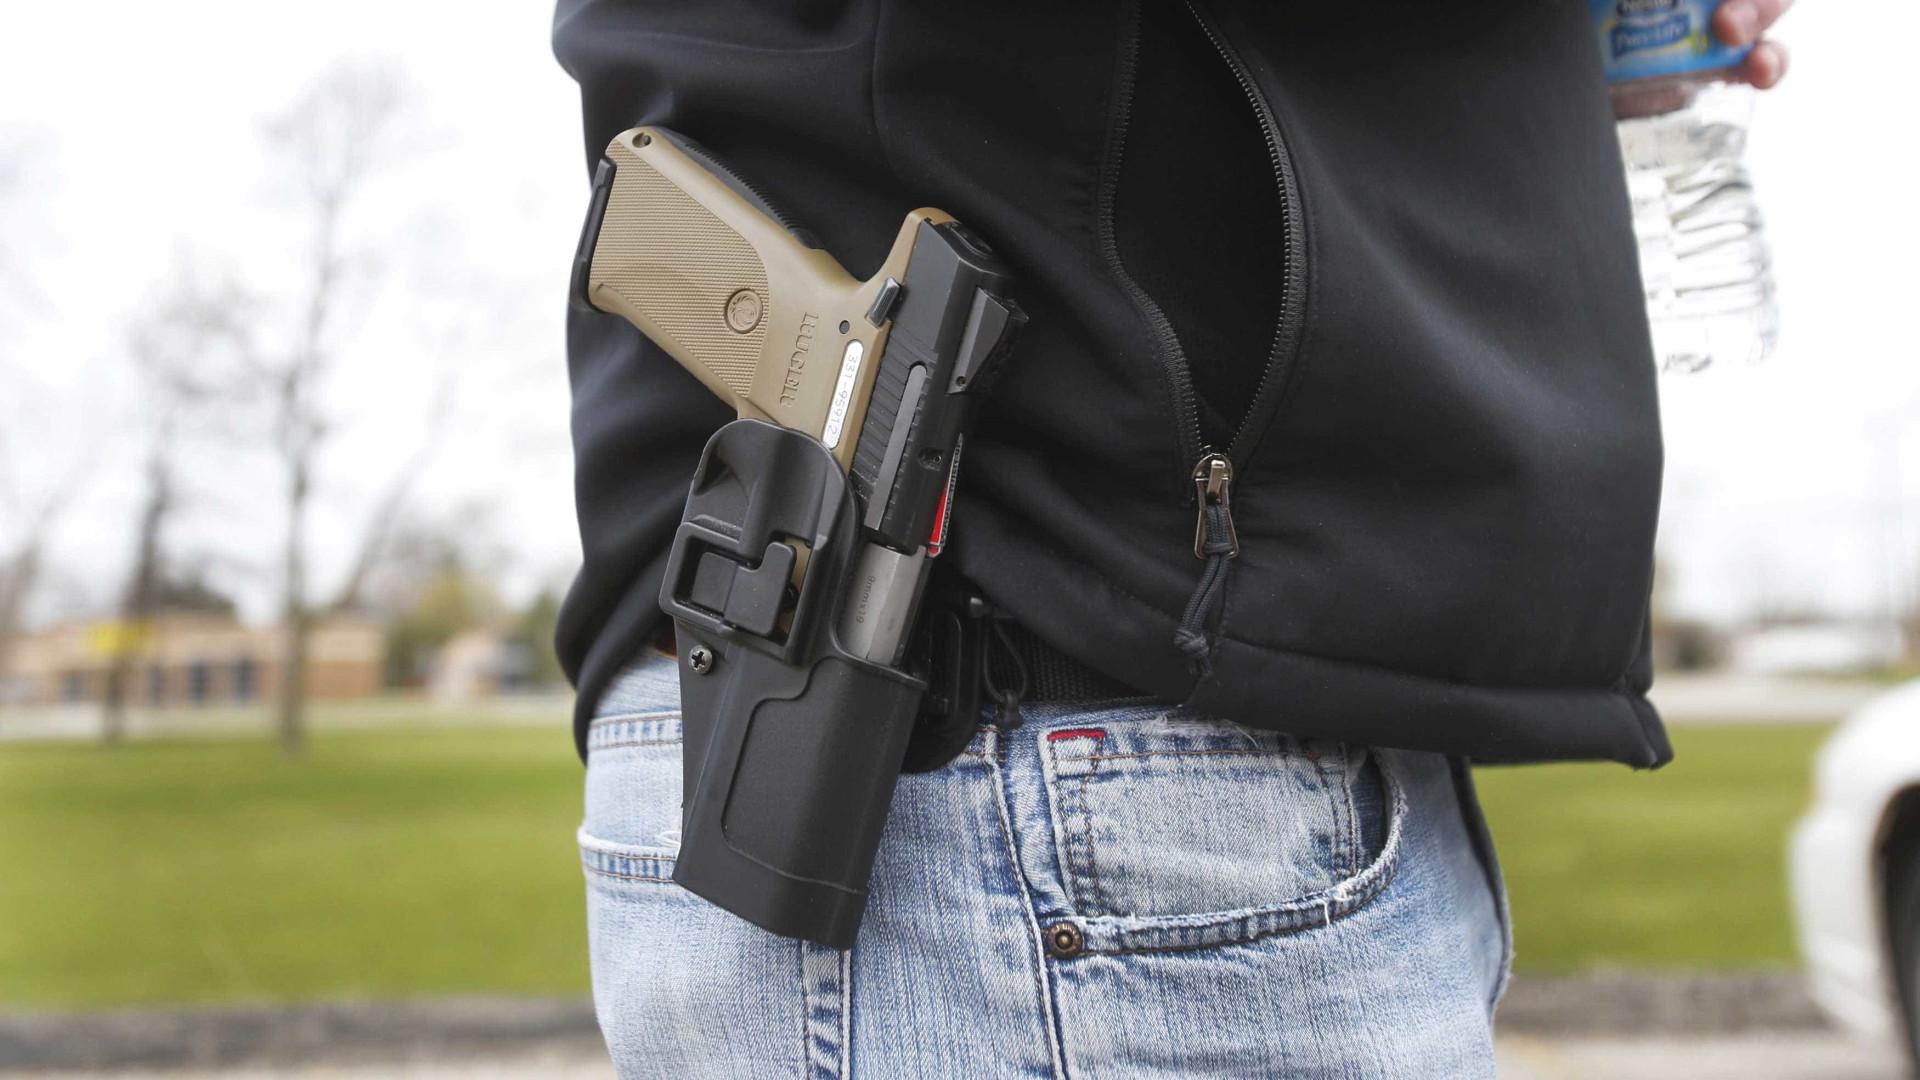 EUA: Uma fatia de 3% detém metade das armas que estão nas mãos de civis